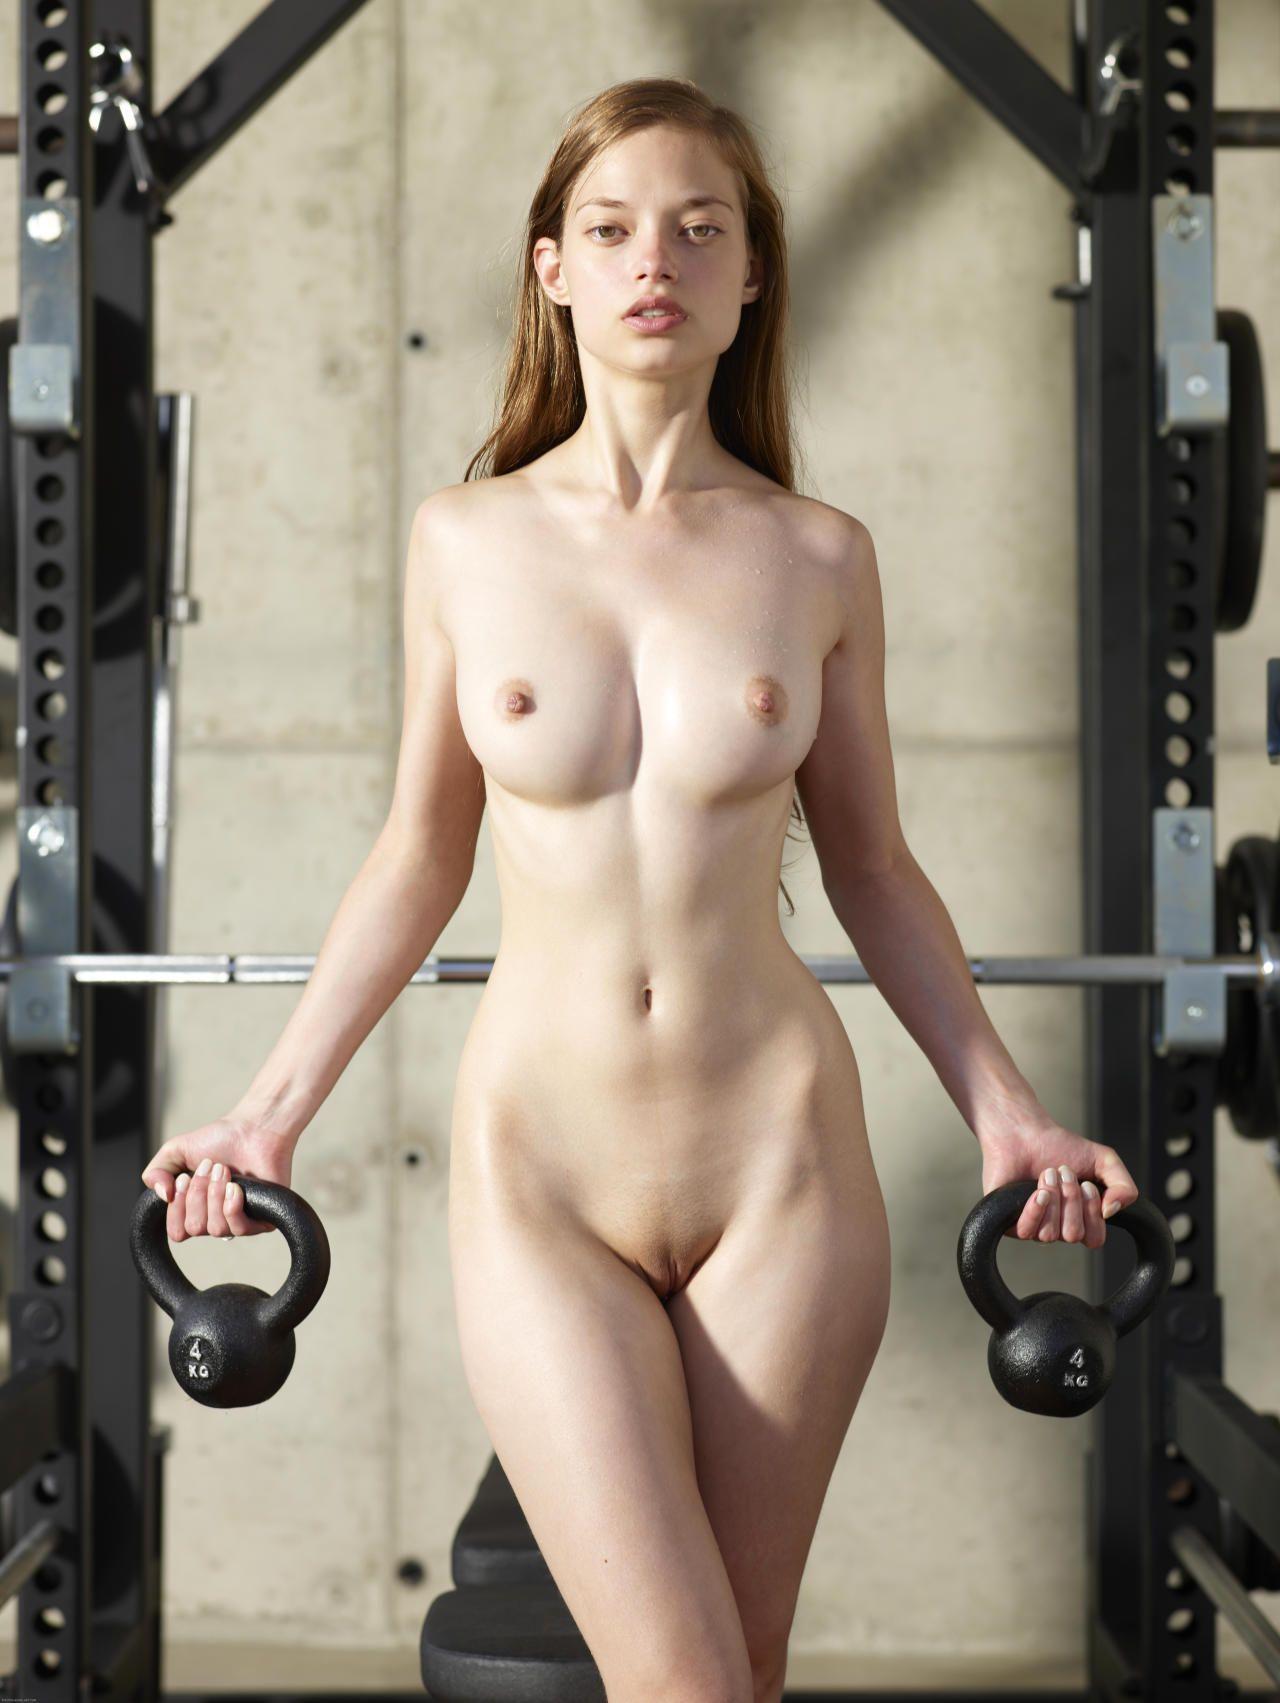 nudity week at brown univ